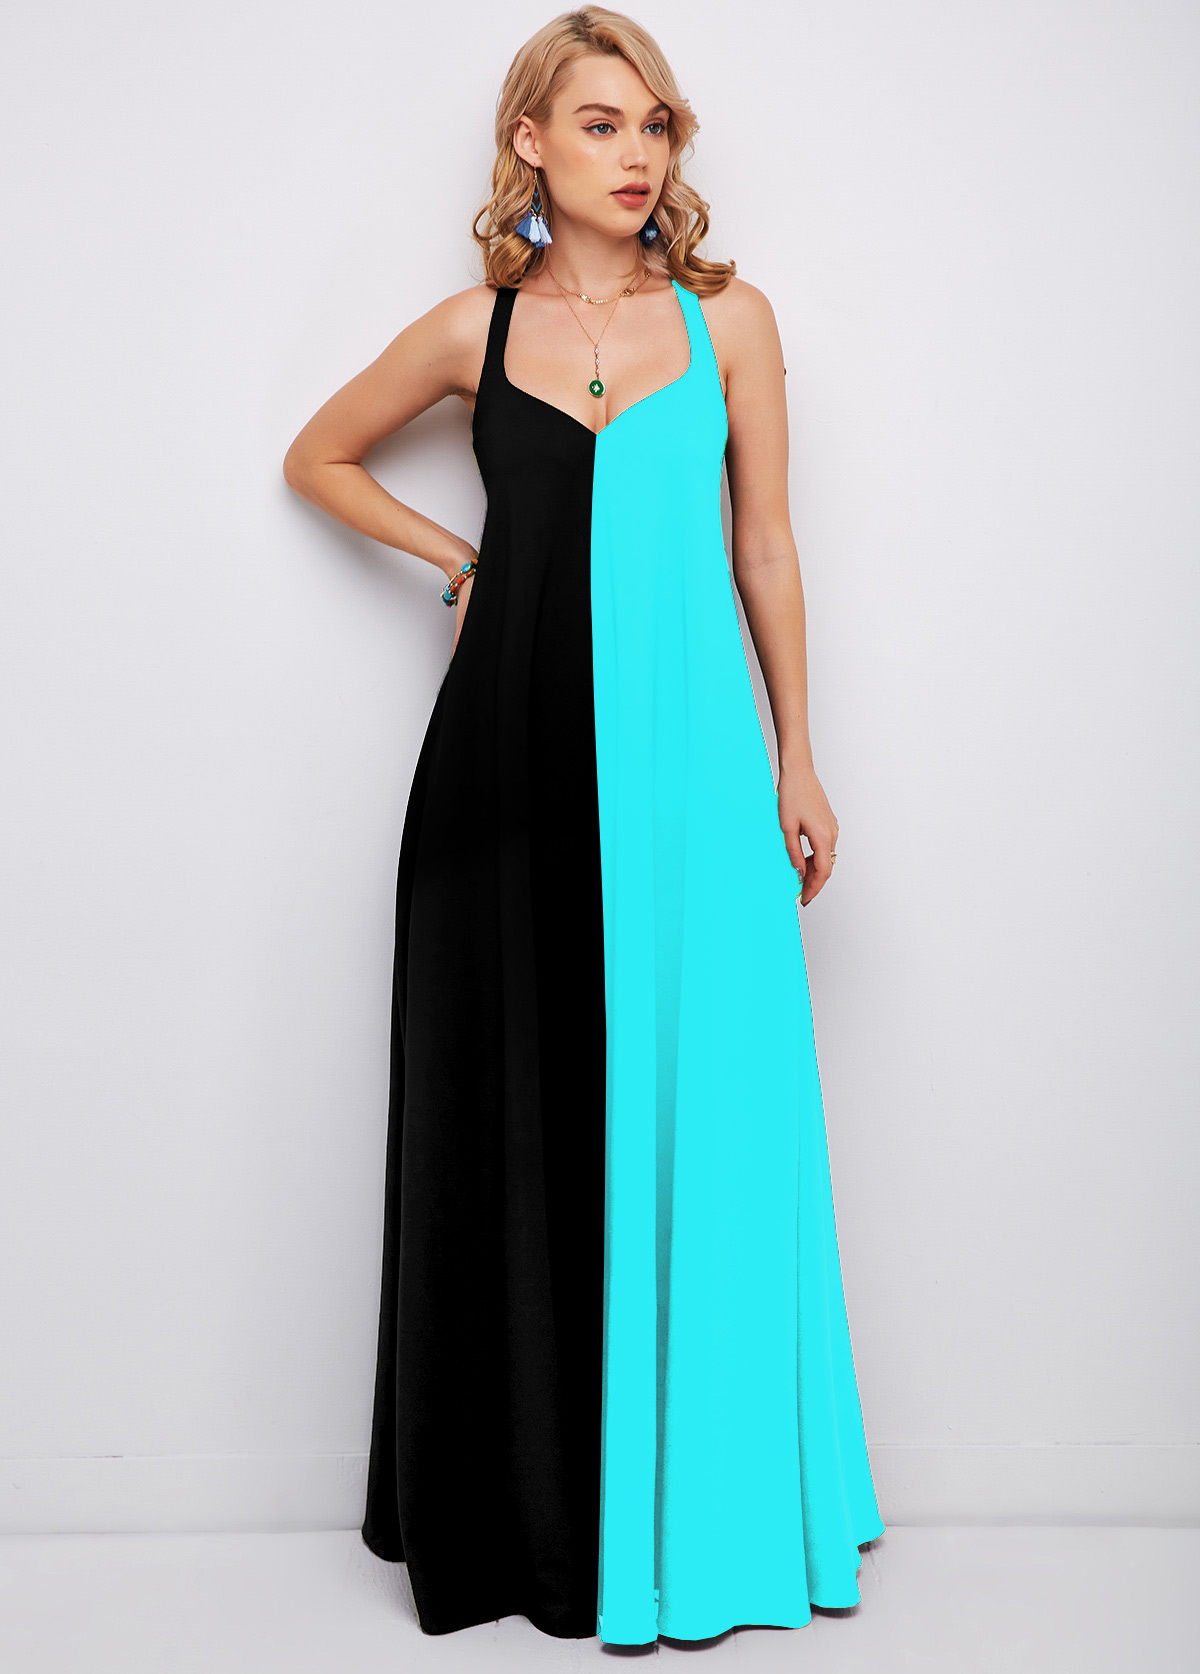 Spaghetti Strap Color Block Maxi Dress